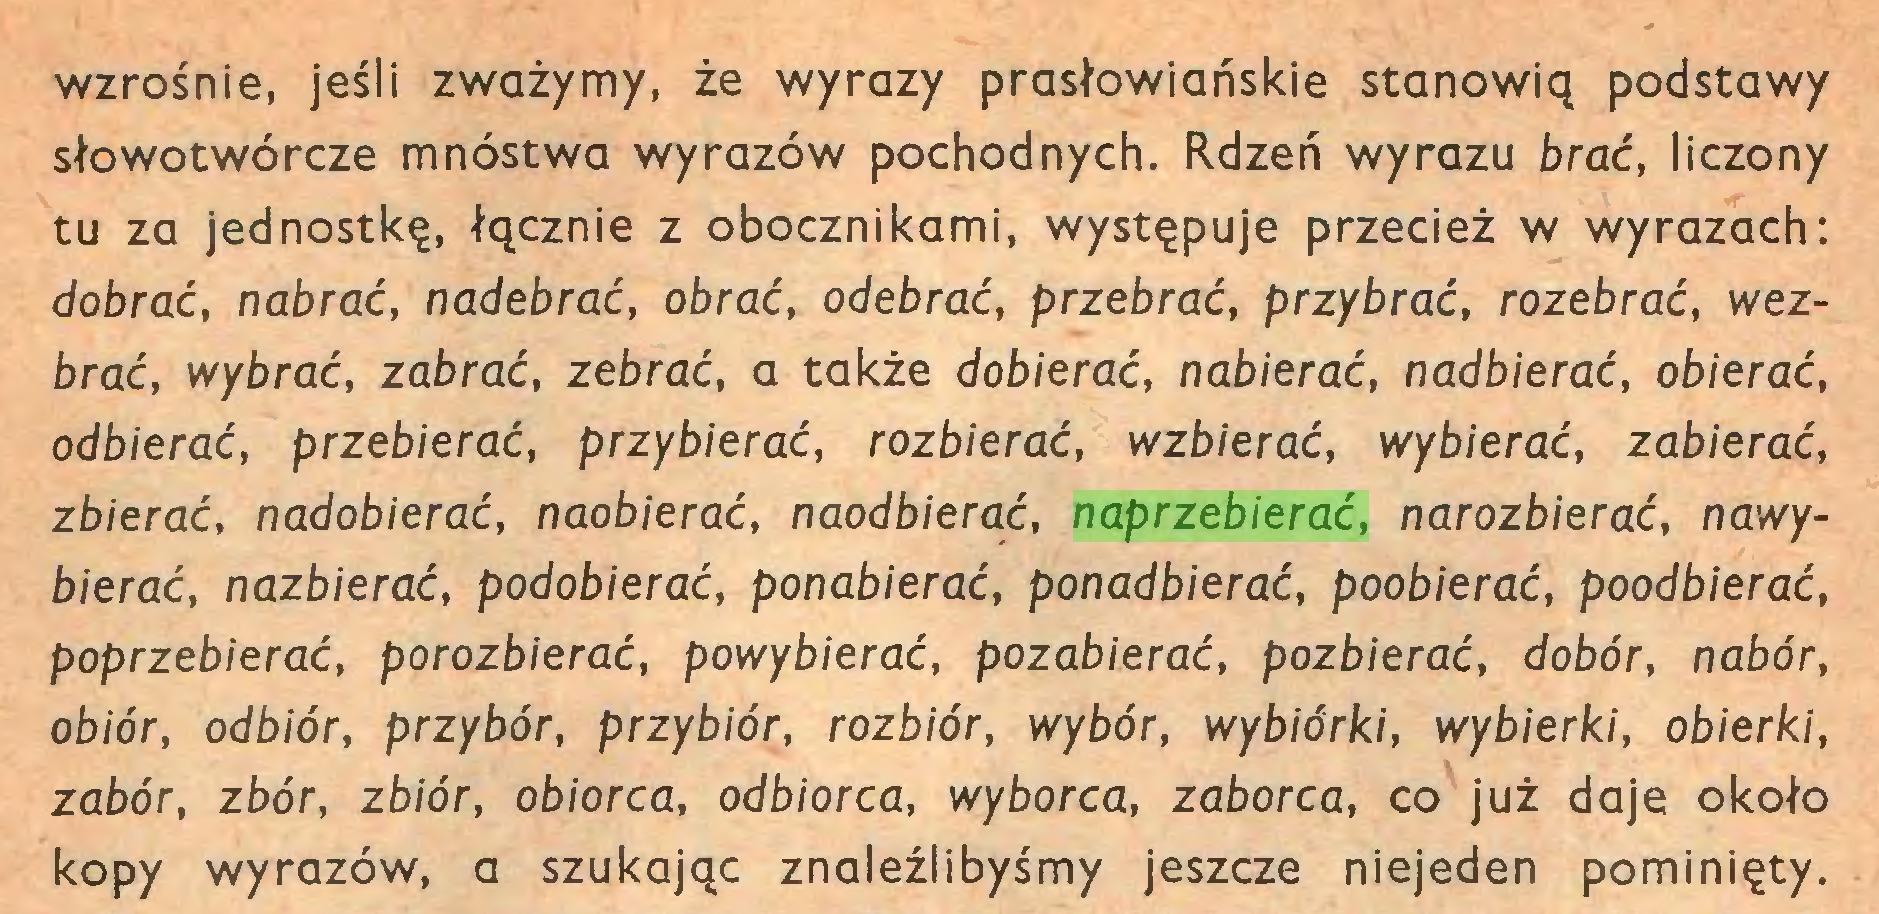 (...) wzrośnie, jeśli zważymy, że wyrazy prasłowiańskie stanowią podstawy słowotwórcze mnóstwa wyrazów pochodnych. Rdzeń wyrazu brać, liczony tu za jednostkę, łącznie z obocznikami, występuje przecież w wyrazach: dobrać, nabrać, nadebrać, obrać, odebrać, przebrać, przybrać, rozebrać, wezbrać, wybrać, zabrać, zebrać, a także dobierać, nabierać, nadbierać, obierać, odbierać, przebierać, przybierać, rozbierać, wzbierać, wybierać, zabierać, zbierać, nadobierać, naobierać, naodbierać, naprzebierać, narozbierać, nawybierać, nazbierać, podobierać, ponabierać, ponadbierać, poobierać, poodbierać, poprzebierać, porozbierać, powybierać, pozabierać, pozbierać, dobór, nabór, obiór, odbiór, przybór, przybiór, rozbiór, wybór, wybiórki, wybierki, obierki, zabór, zbór, zbiór, obiorca, odbiorca, wyborca, zaborca, co już daje około kopy wyrazów, a szukając znaleźlibyśmy jeszcze niejeden pominięty...